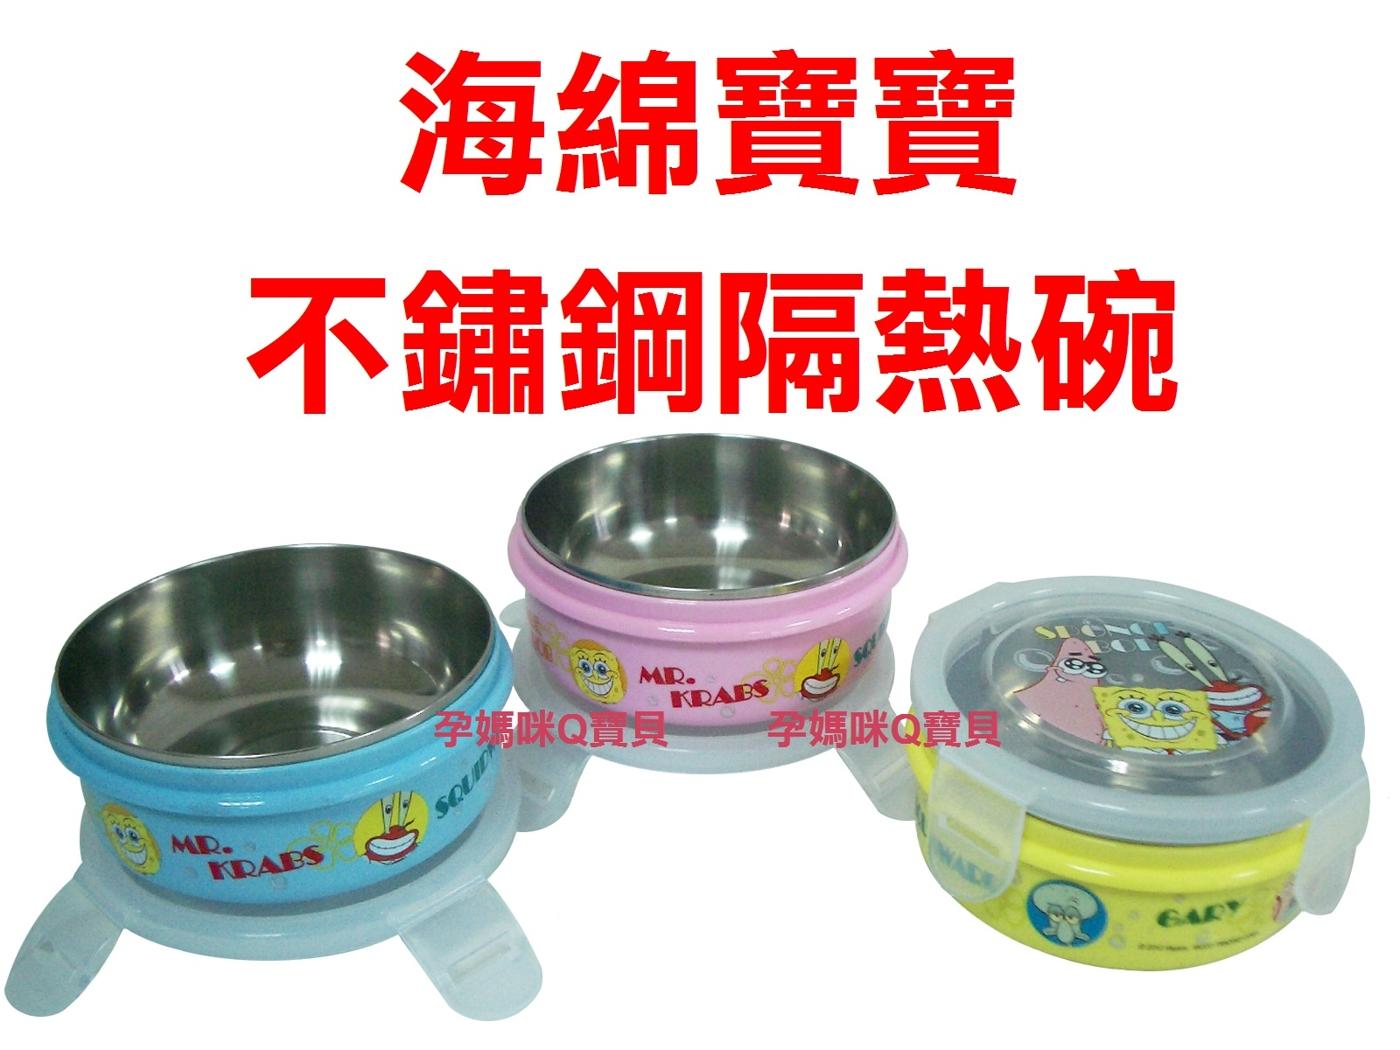 台灣製迪士尼#304不鏽鋼隔熱碗~附湯匙.握把.樂扣密封蓋/寶寶最佳防燙餐具~三色可選